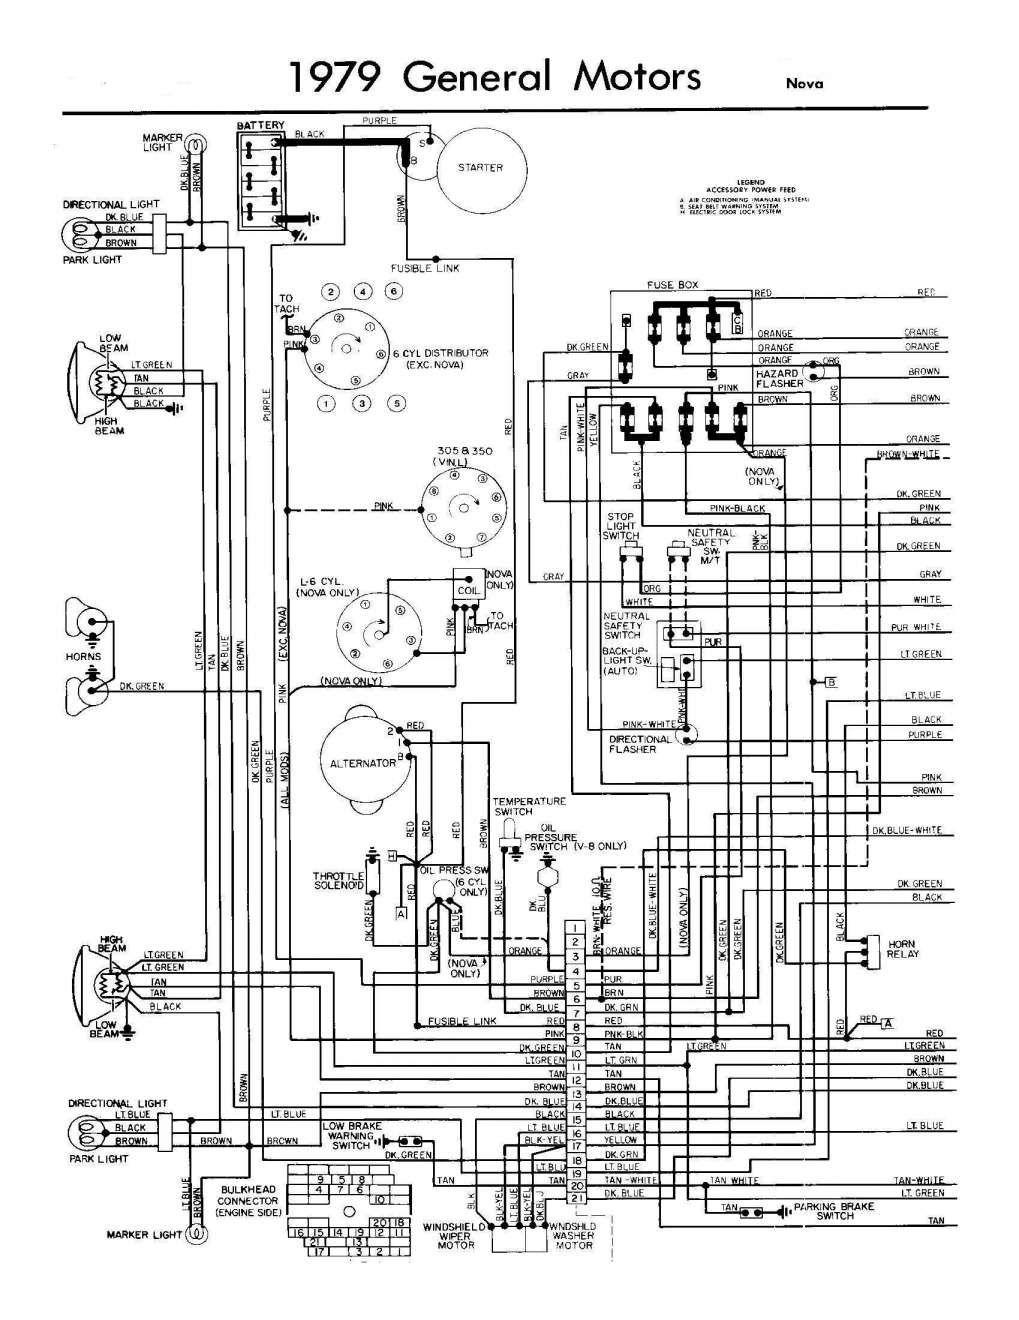 17 Fuse Diagram 1991 Subaru Mini Truck Sambar Truck Diagram Wiringg Net In 2020 Chevy Trucks 1979 Chevy Truck Truck Engine